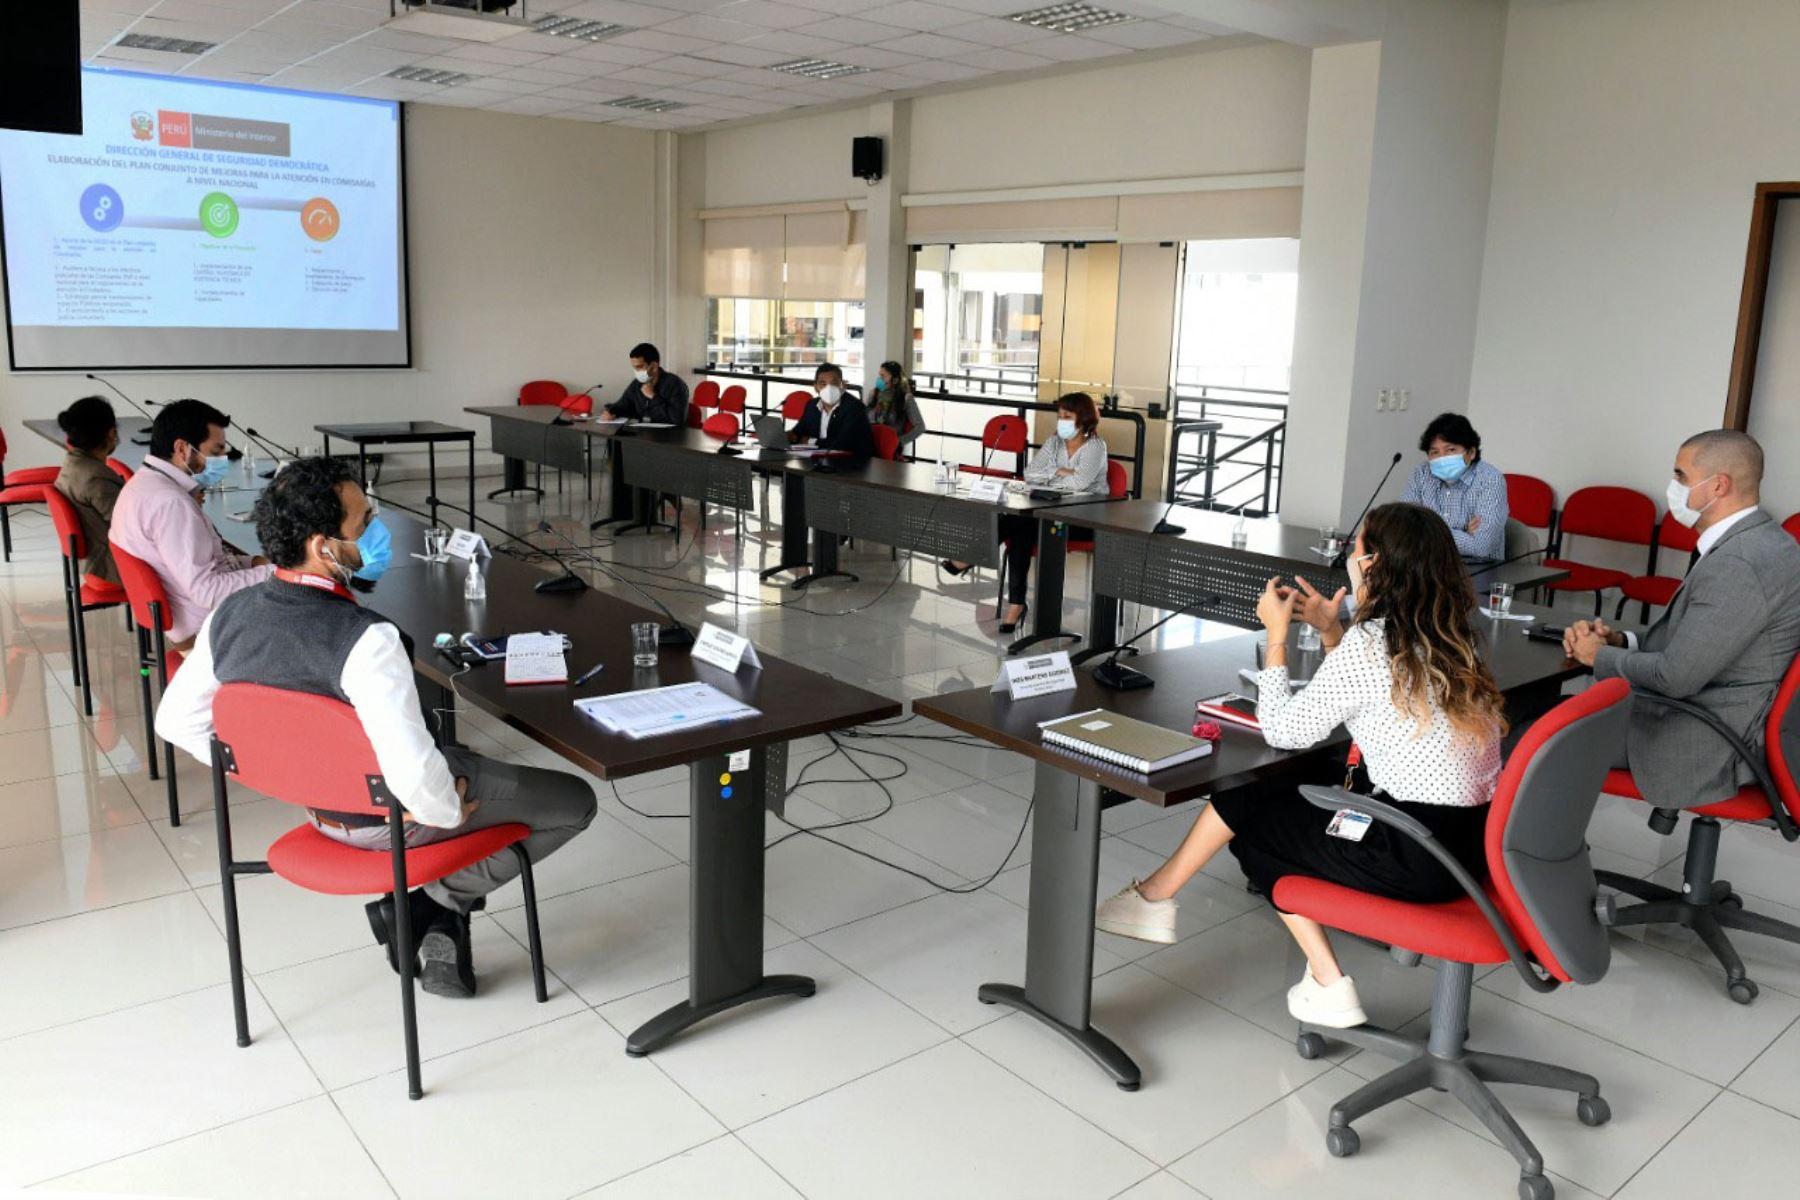 """La mesa de trabajo instalada se denomina """"Plan conjunto de mejoras para la atención en comisarías a nivel nacional"""". Foto: ANDINA/Difusión"""